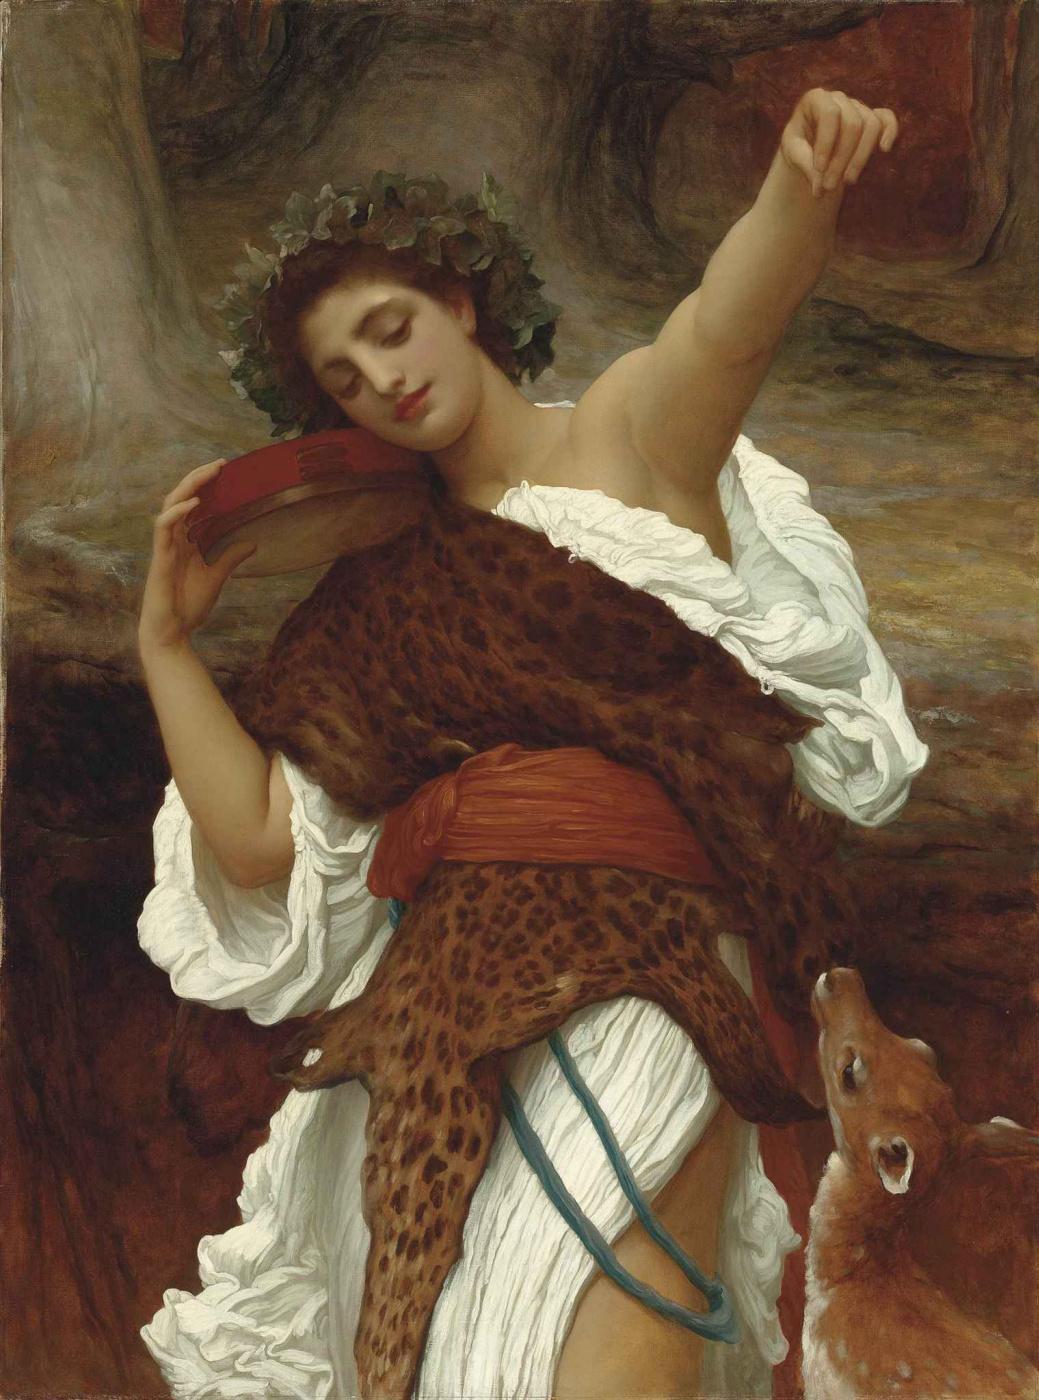 Frederic Leighton. Bacchante